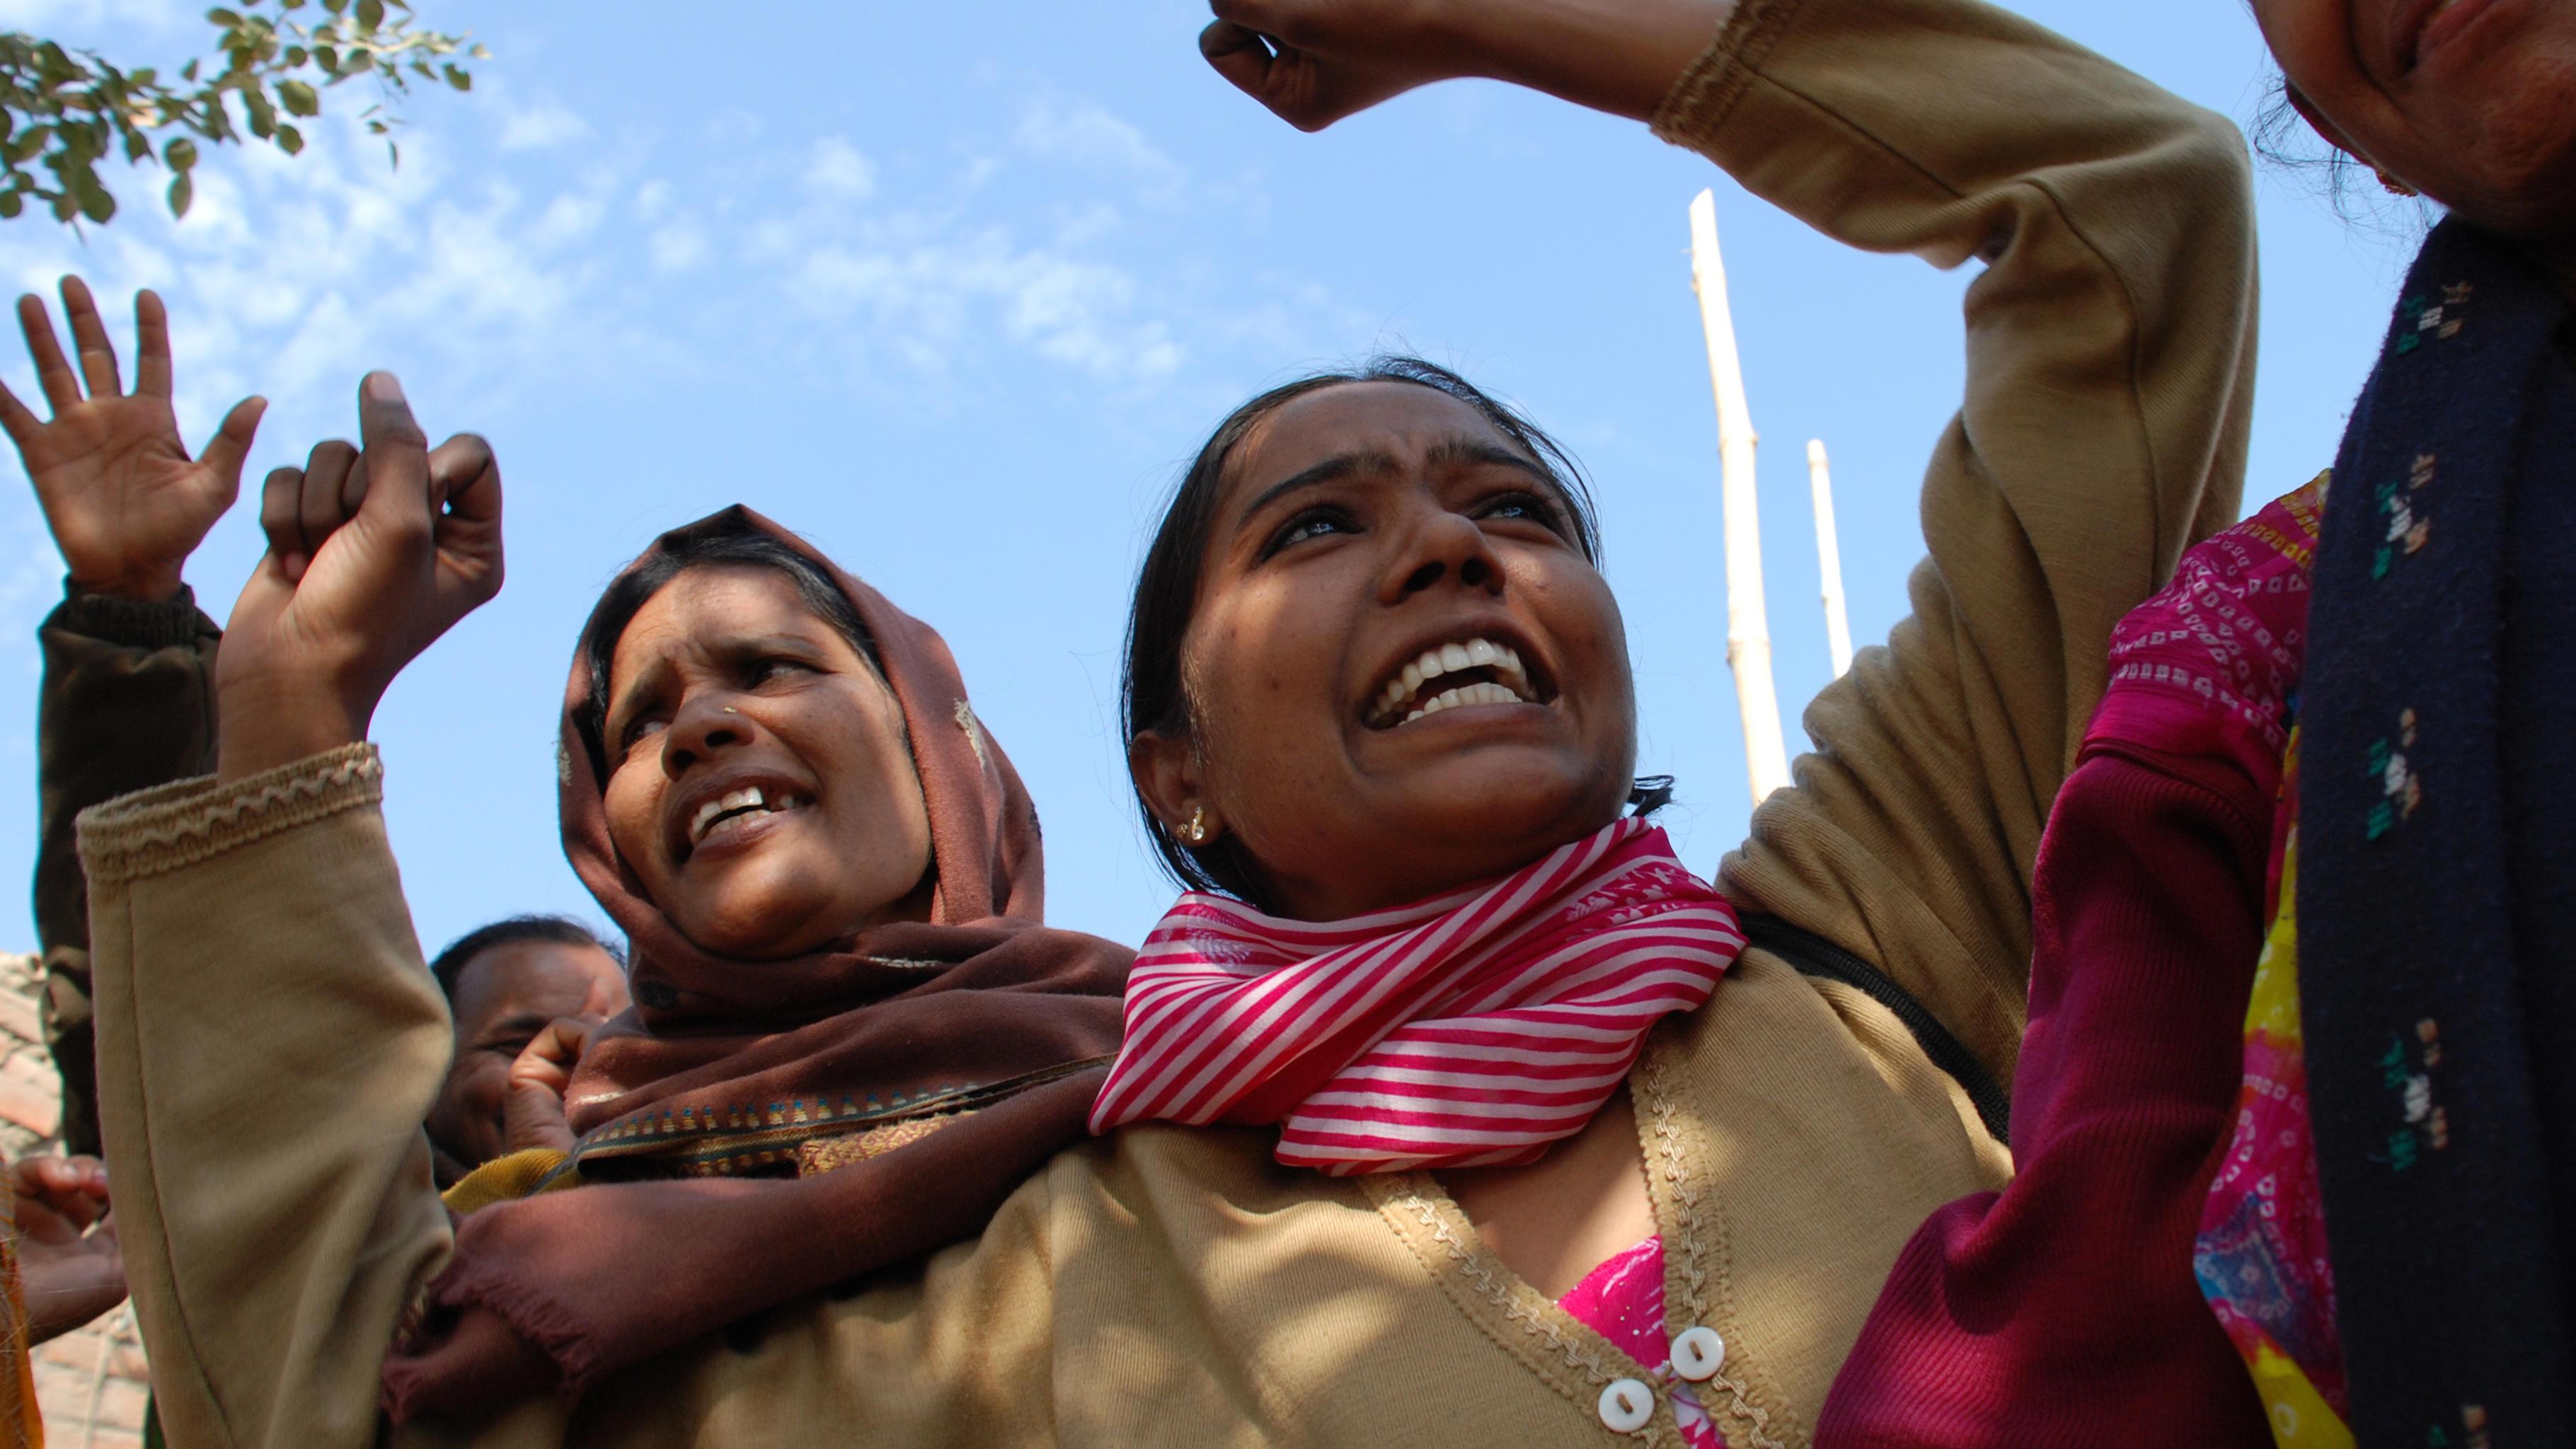 Frauen kämpfen um die Anerkennung ihrer Arbeit in Biona Ranja, Indien.